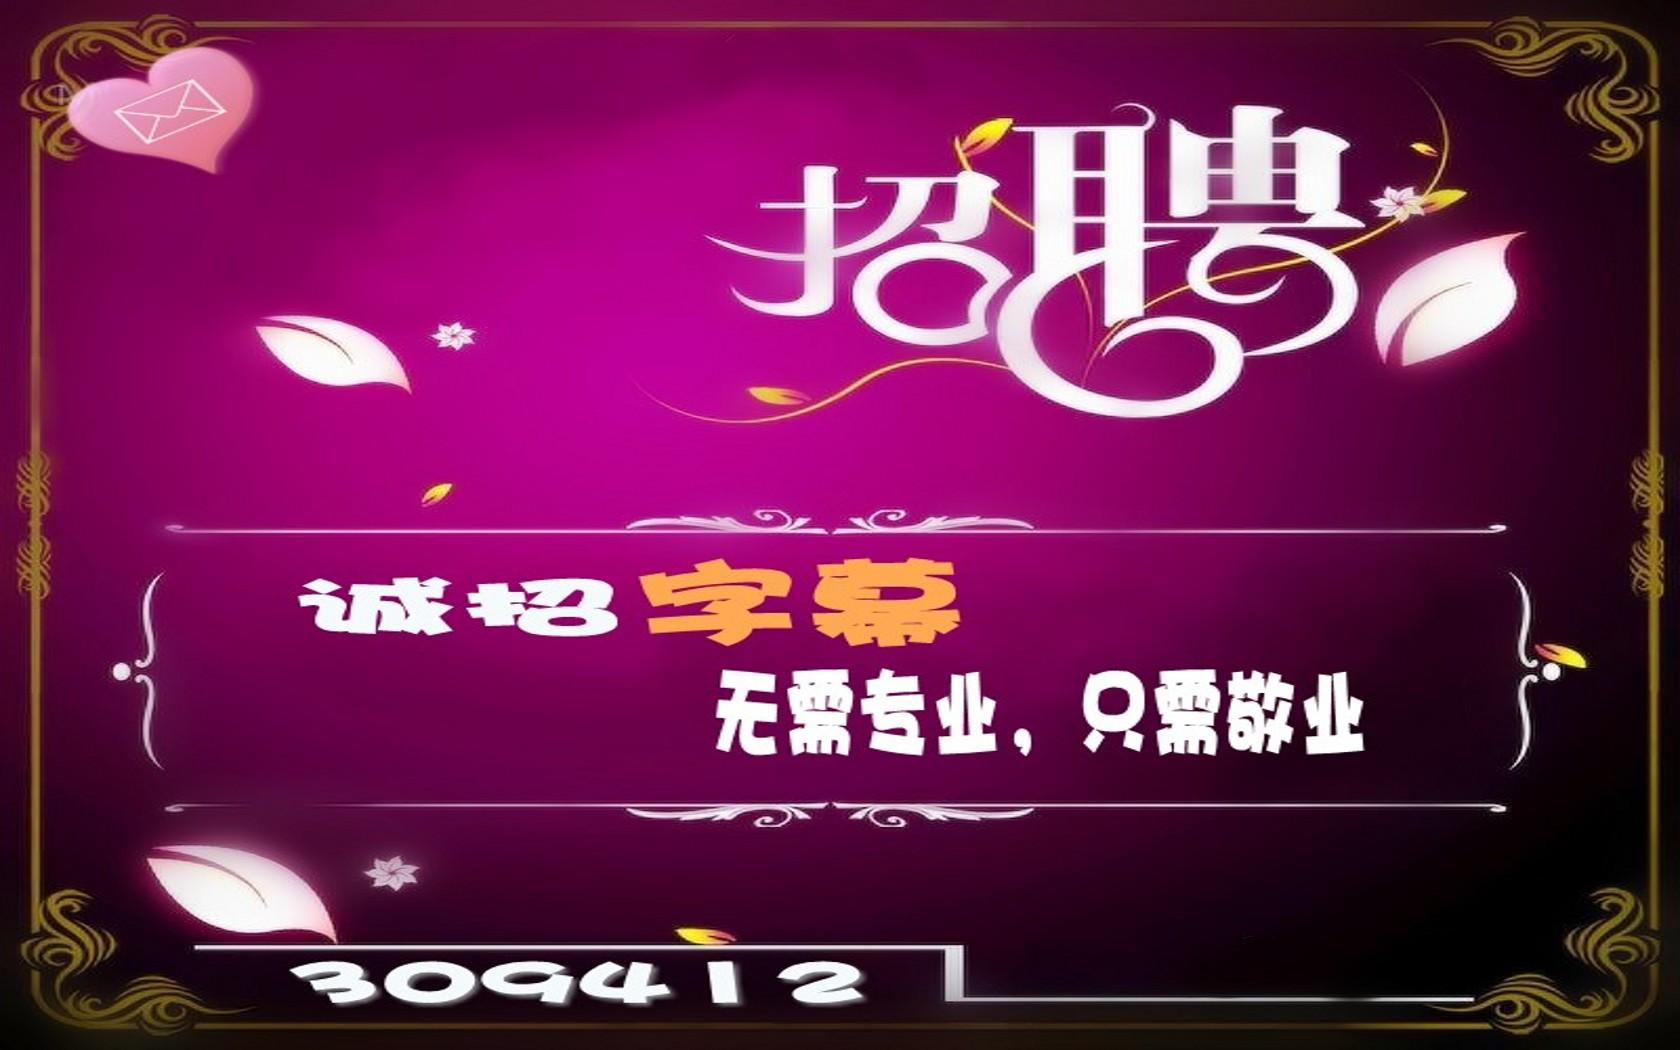 YY309412 招收字幕童鞋 公会招募 公会 YY官方论坛图片